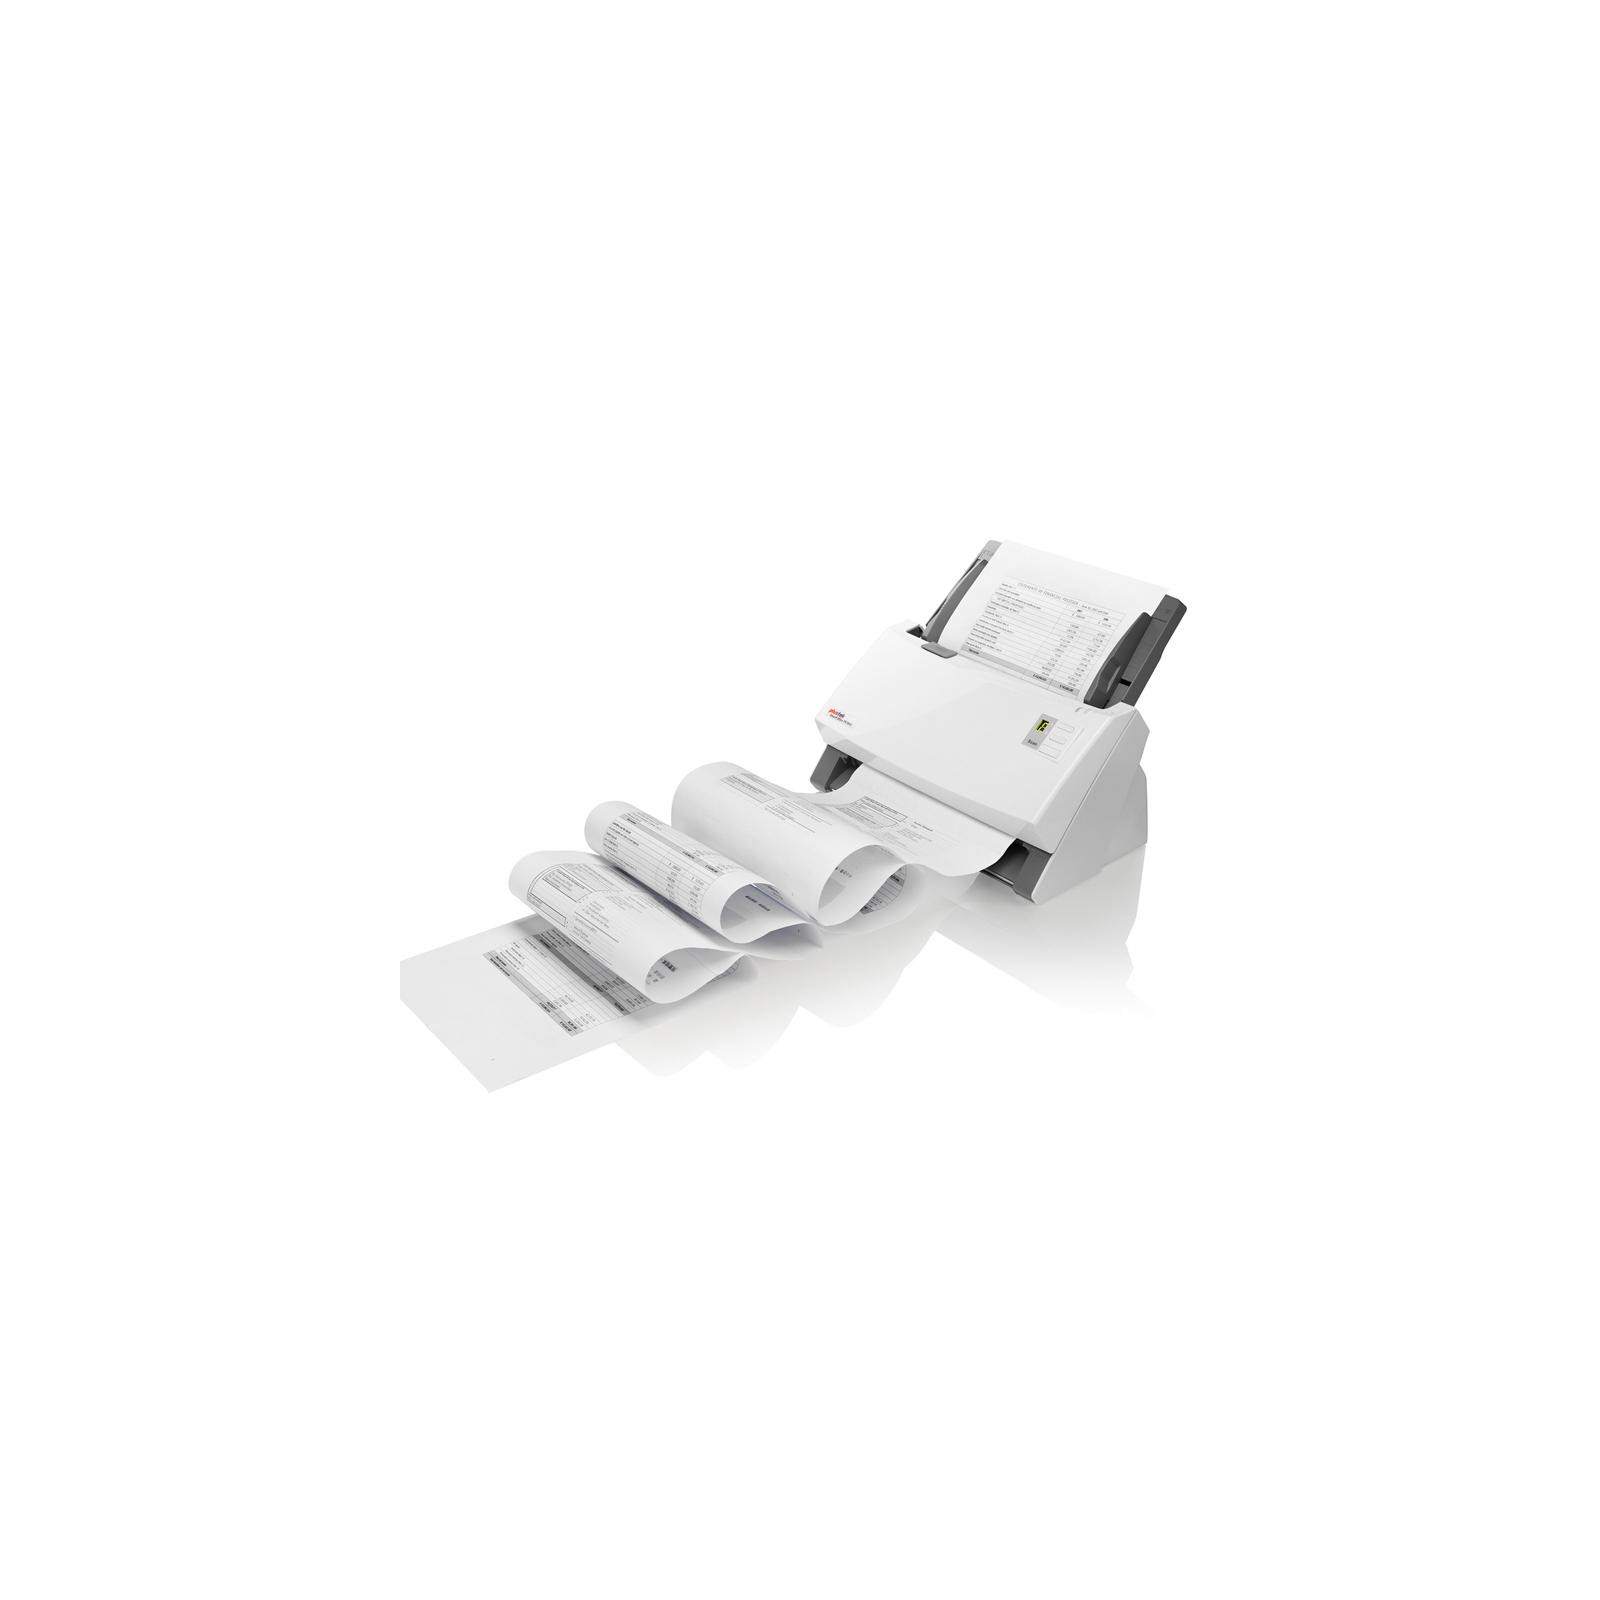 Сканер Plustek SmartOffice PS506U (0242TS) изображение 3